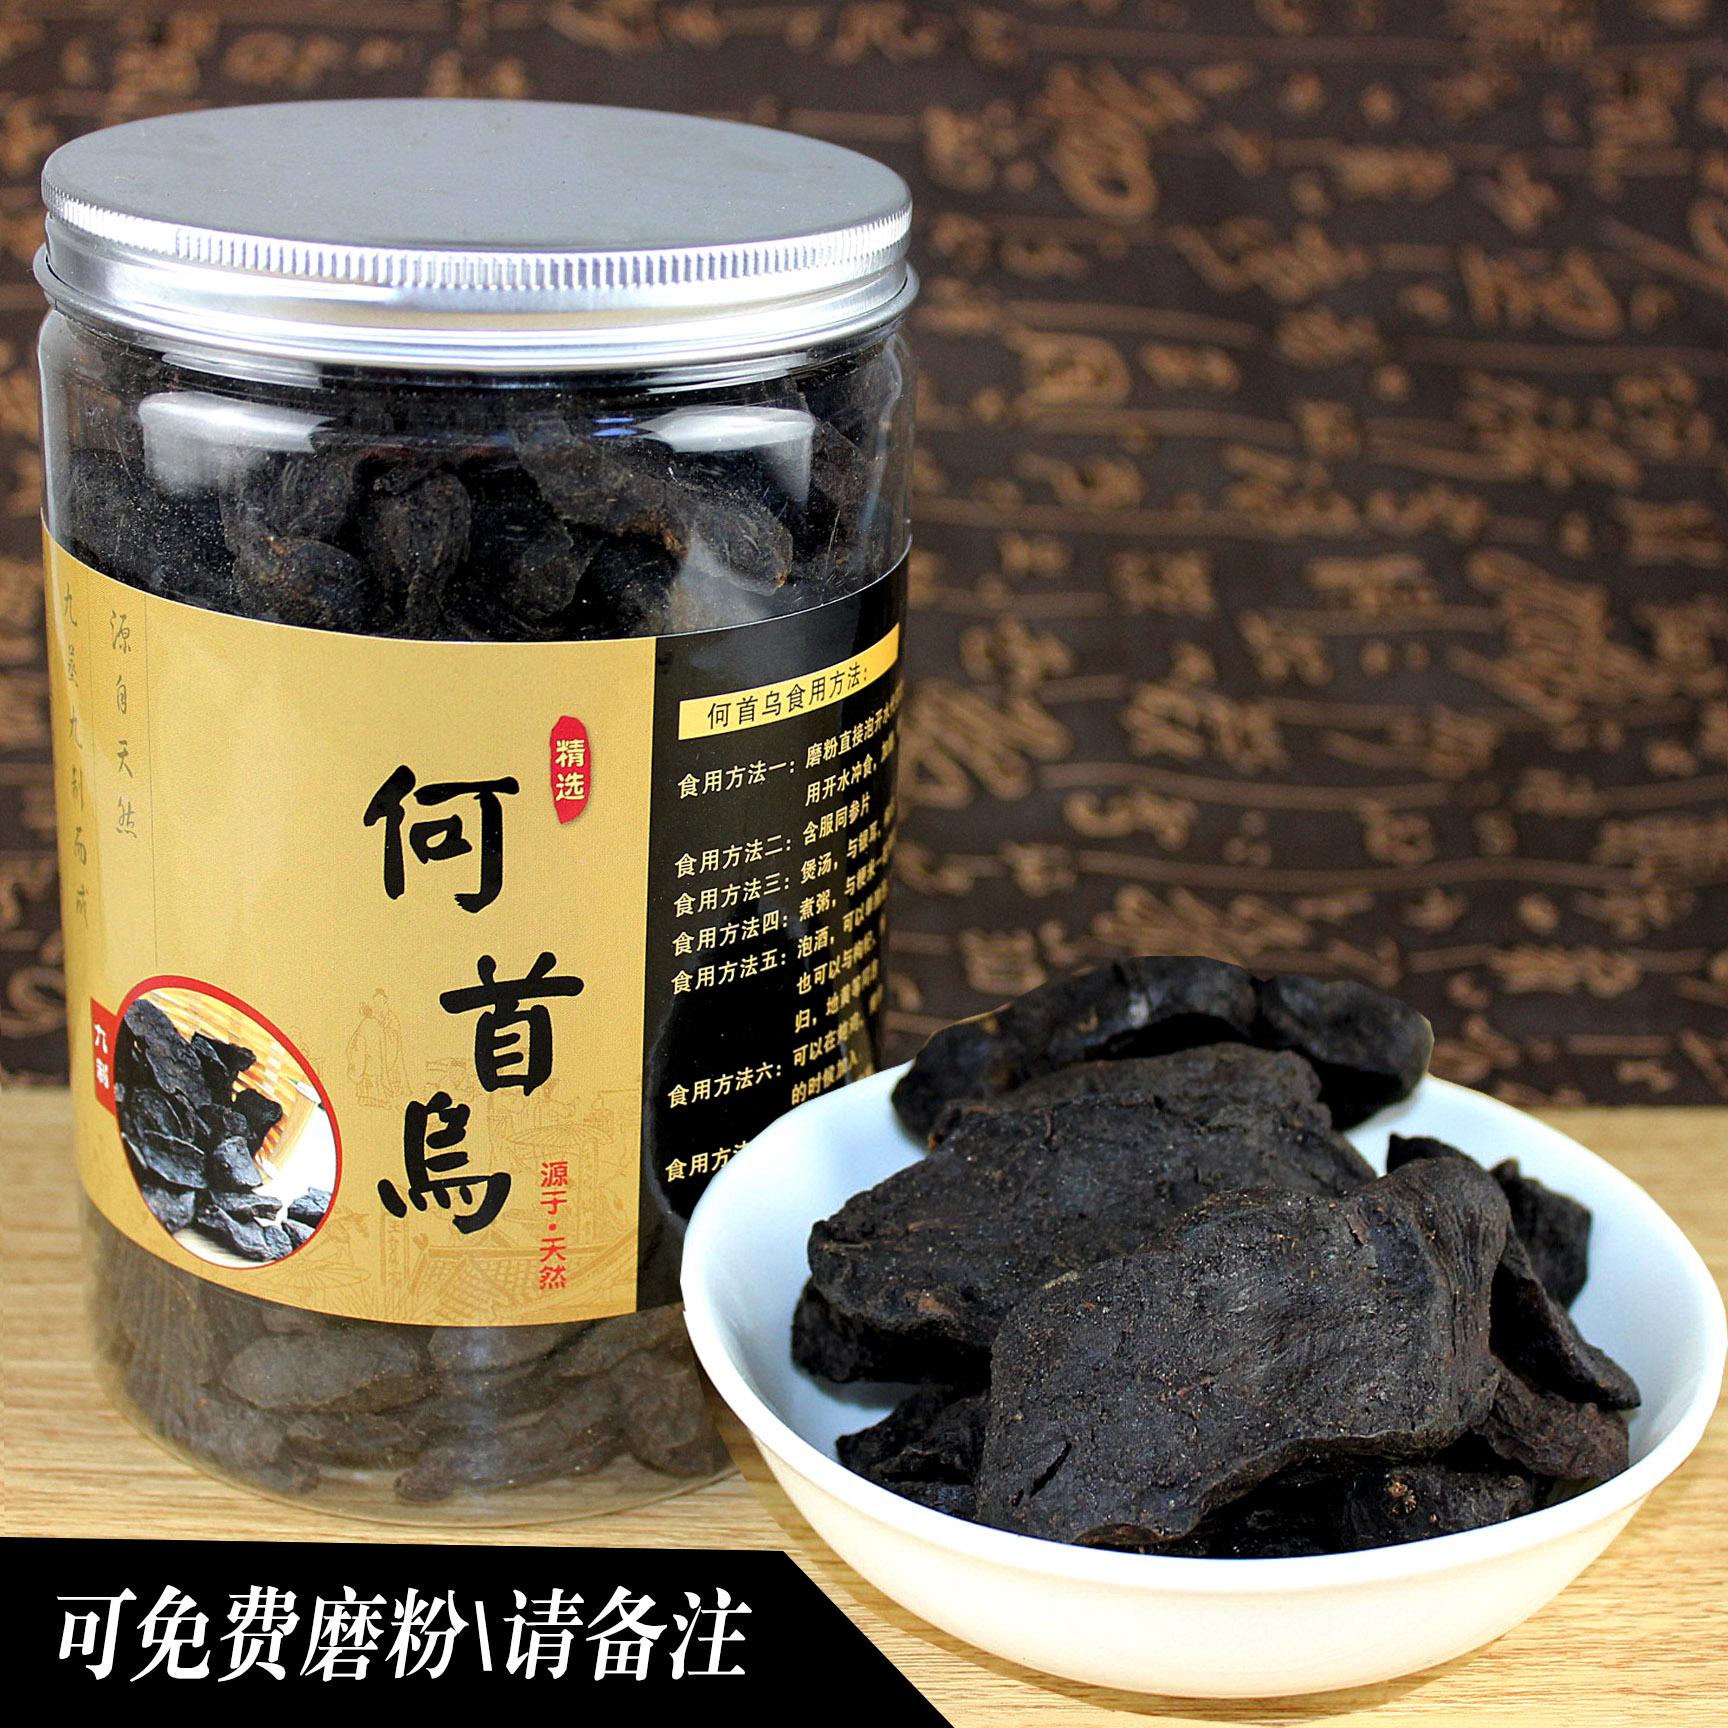 【 каждый день специальное предложение 】 черный фасоль система первый черный лист 500g выбор ток мельница что первый черный порошок консервированный первый черный может мельница порошок